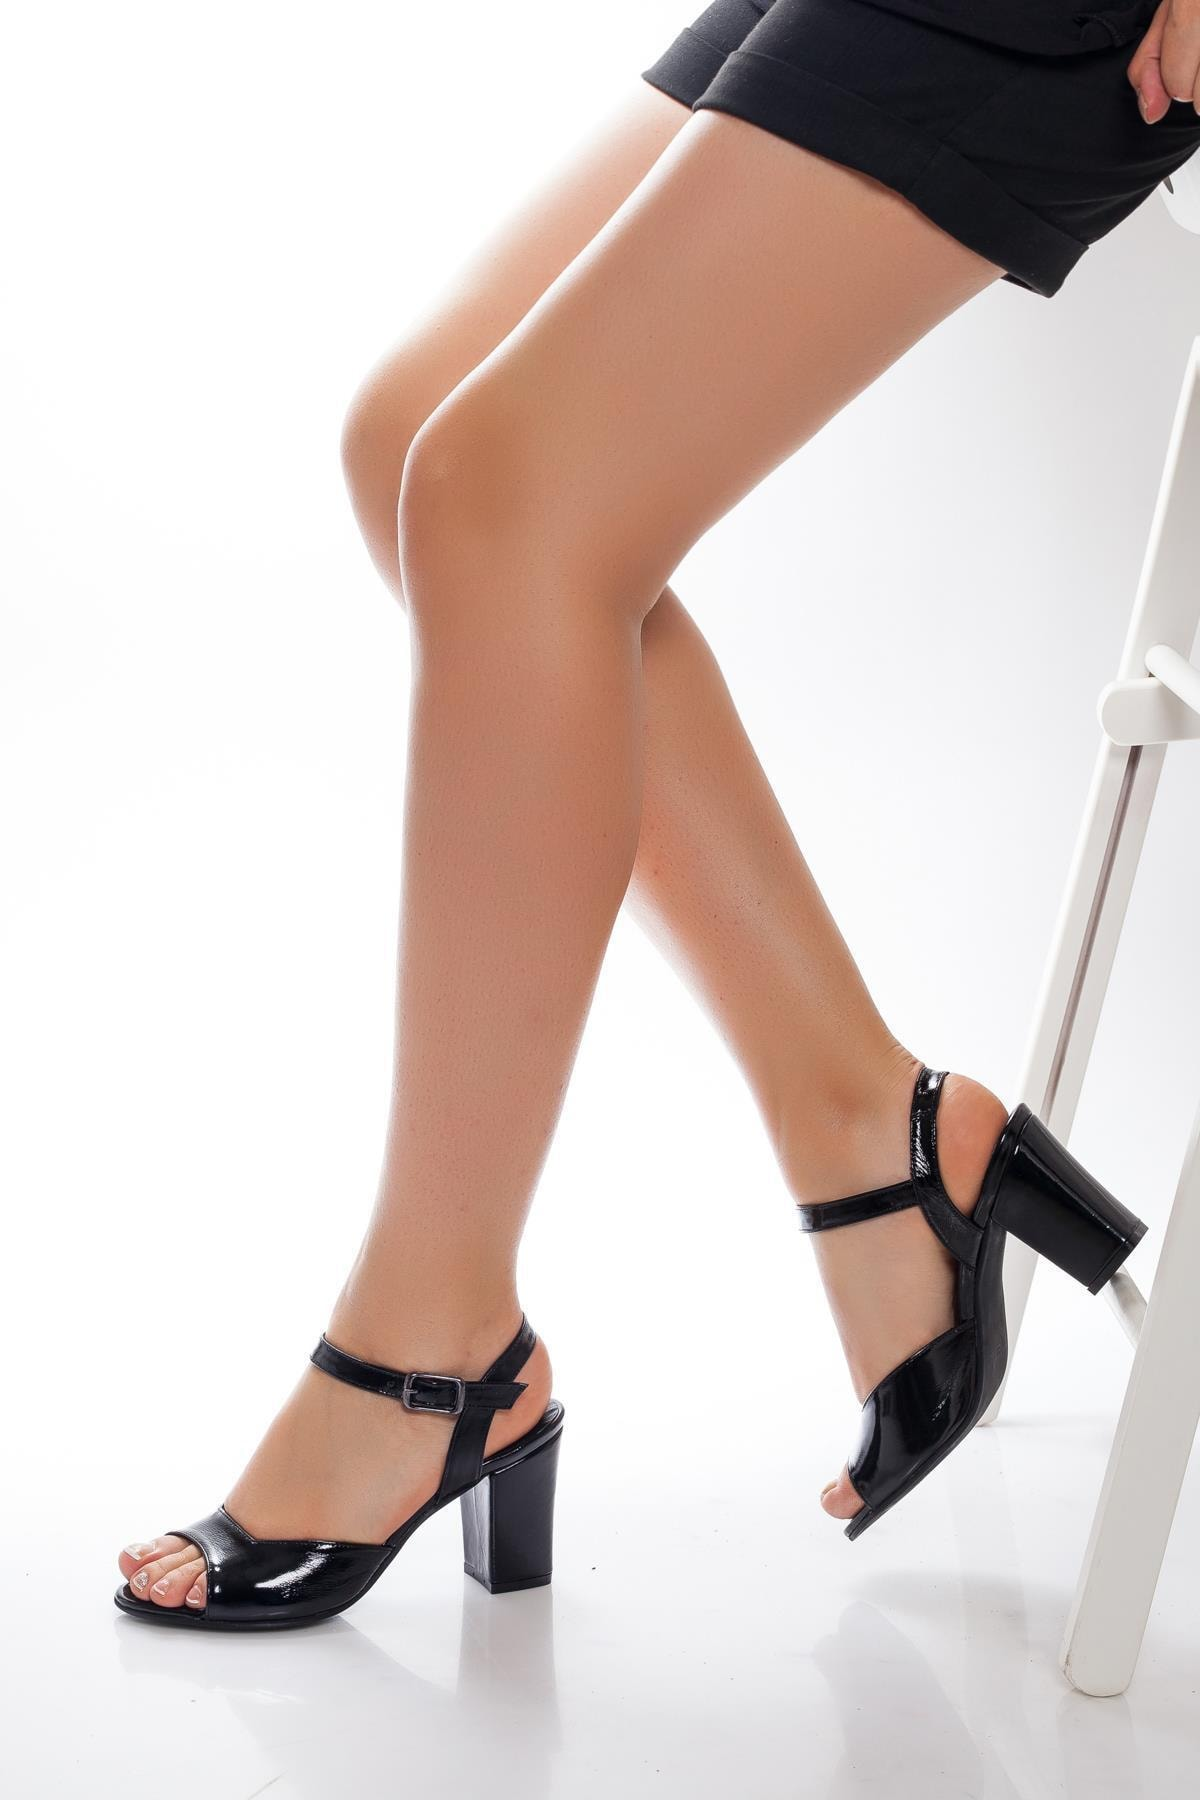 Hakiki Deri Siyah Rugan Kadın Topuklu Deri Ayakkabı Shn-0037